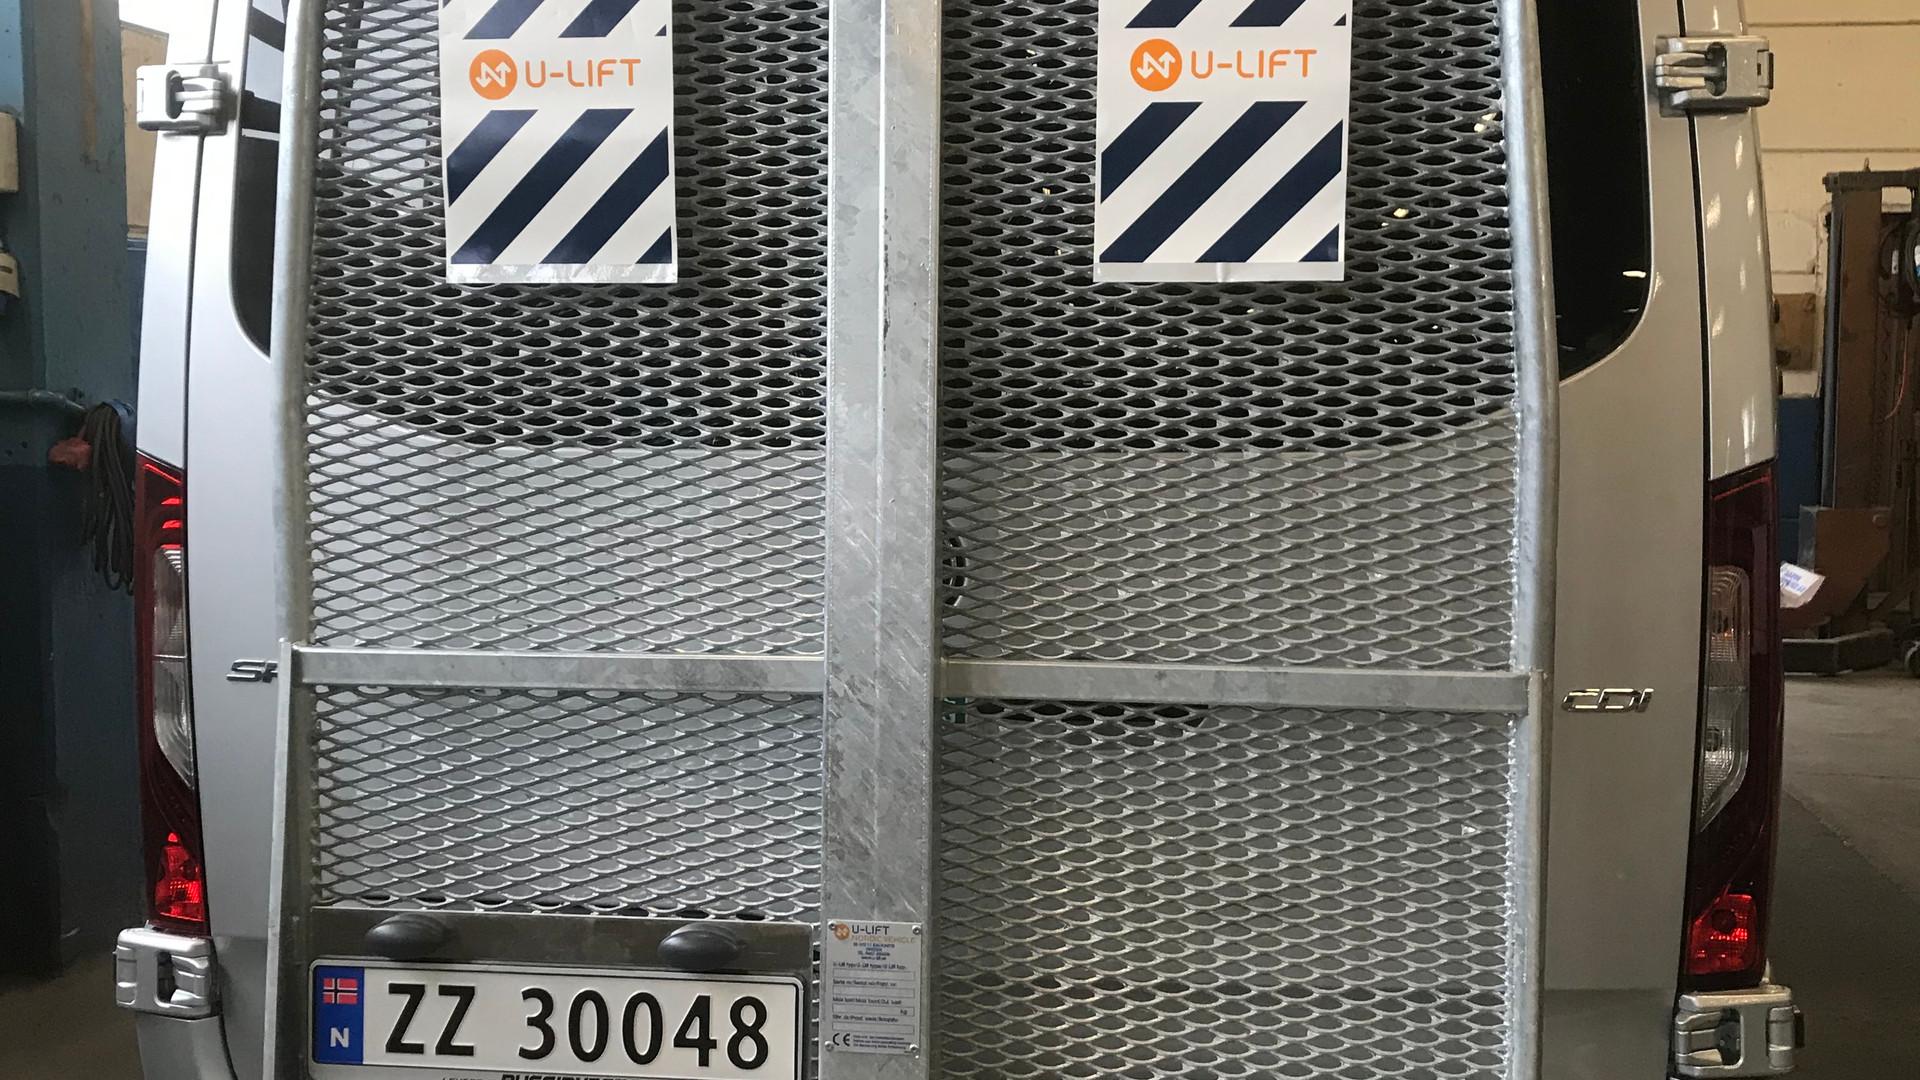 U-lift bakløfter på minibuss